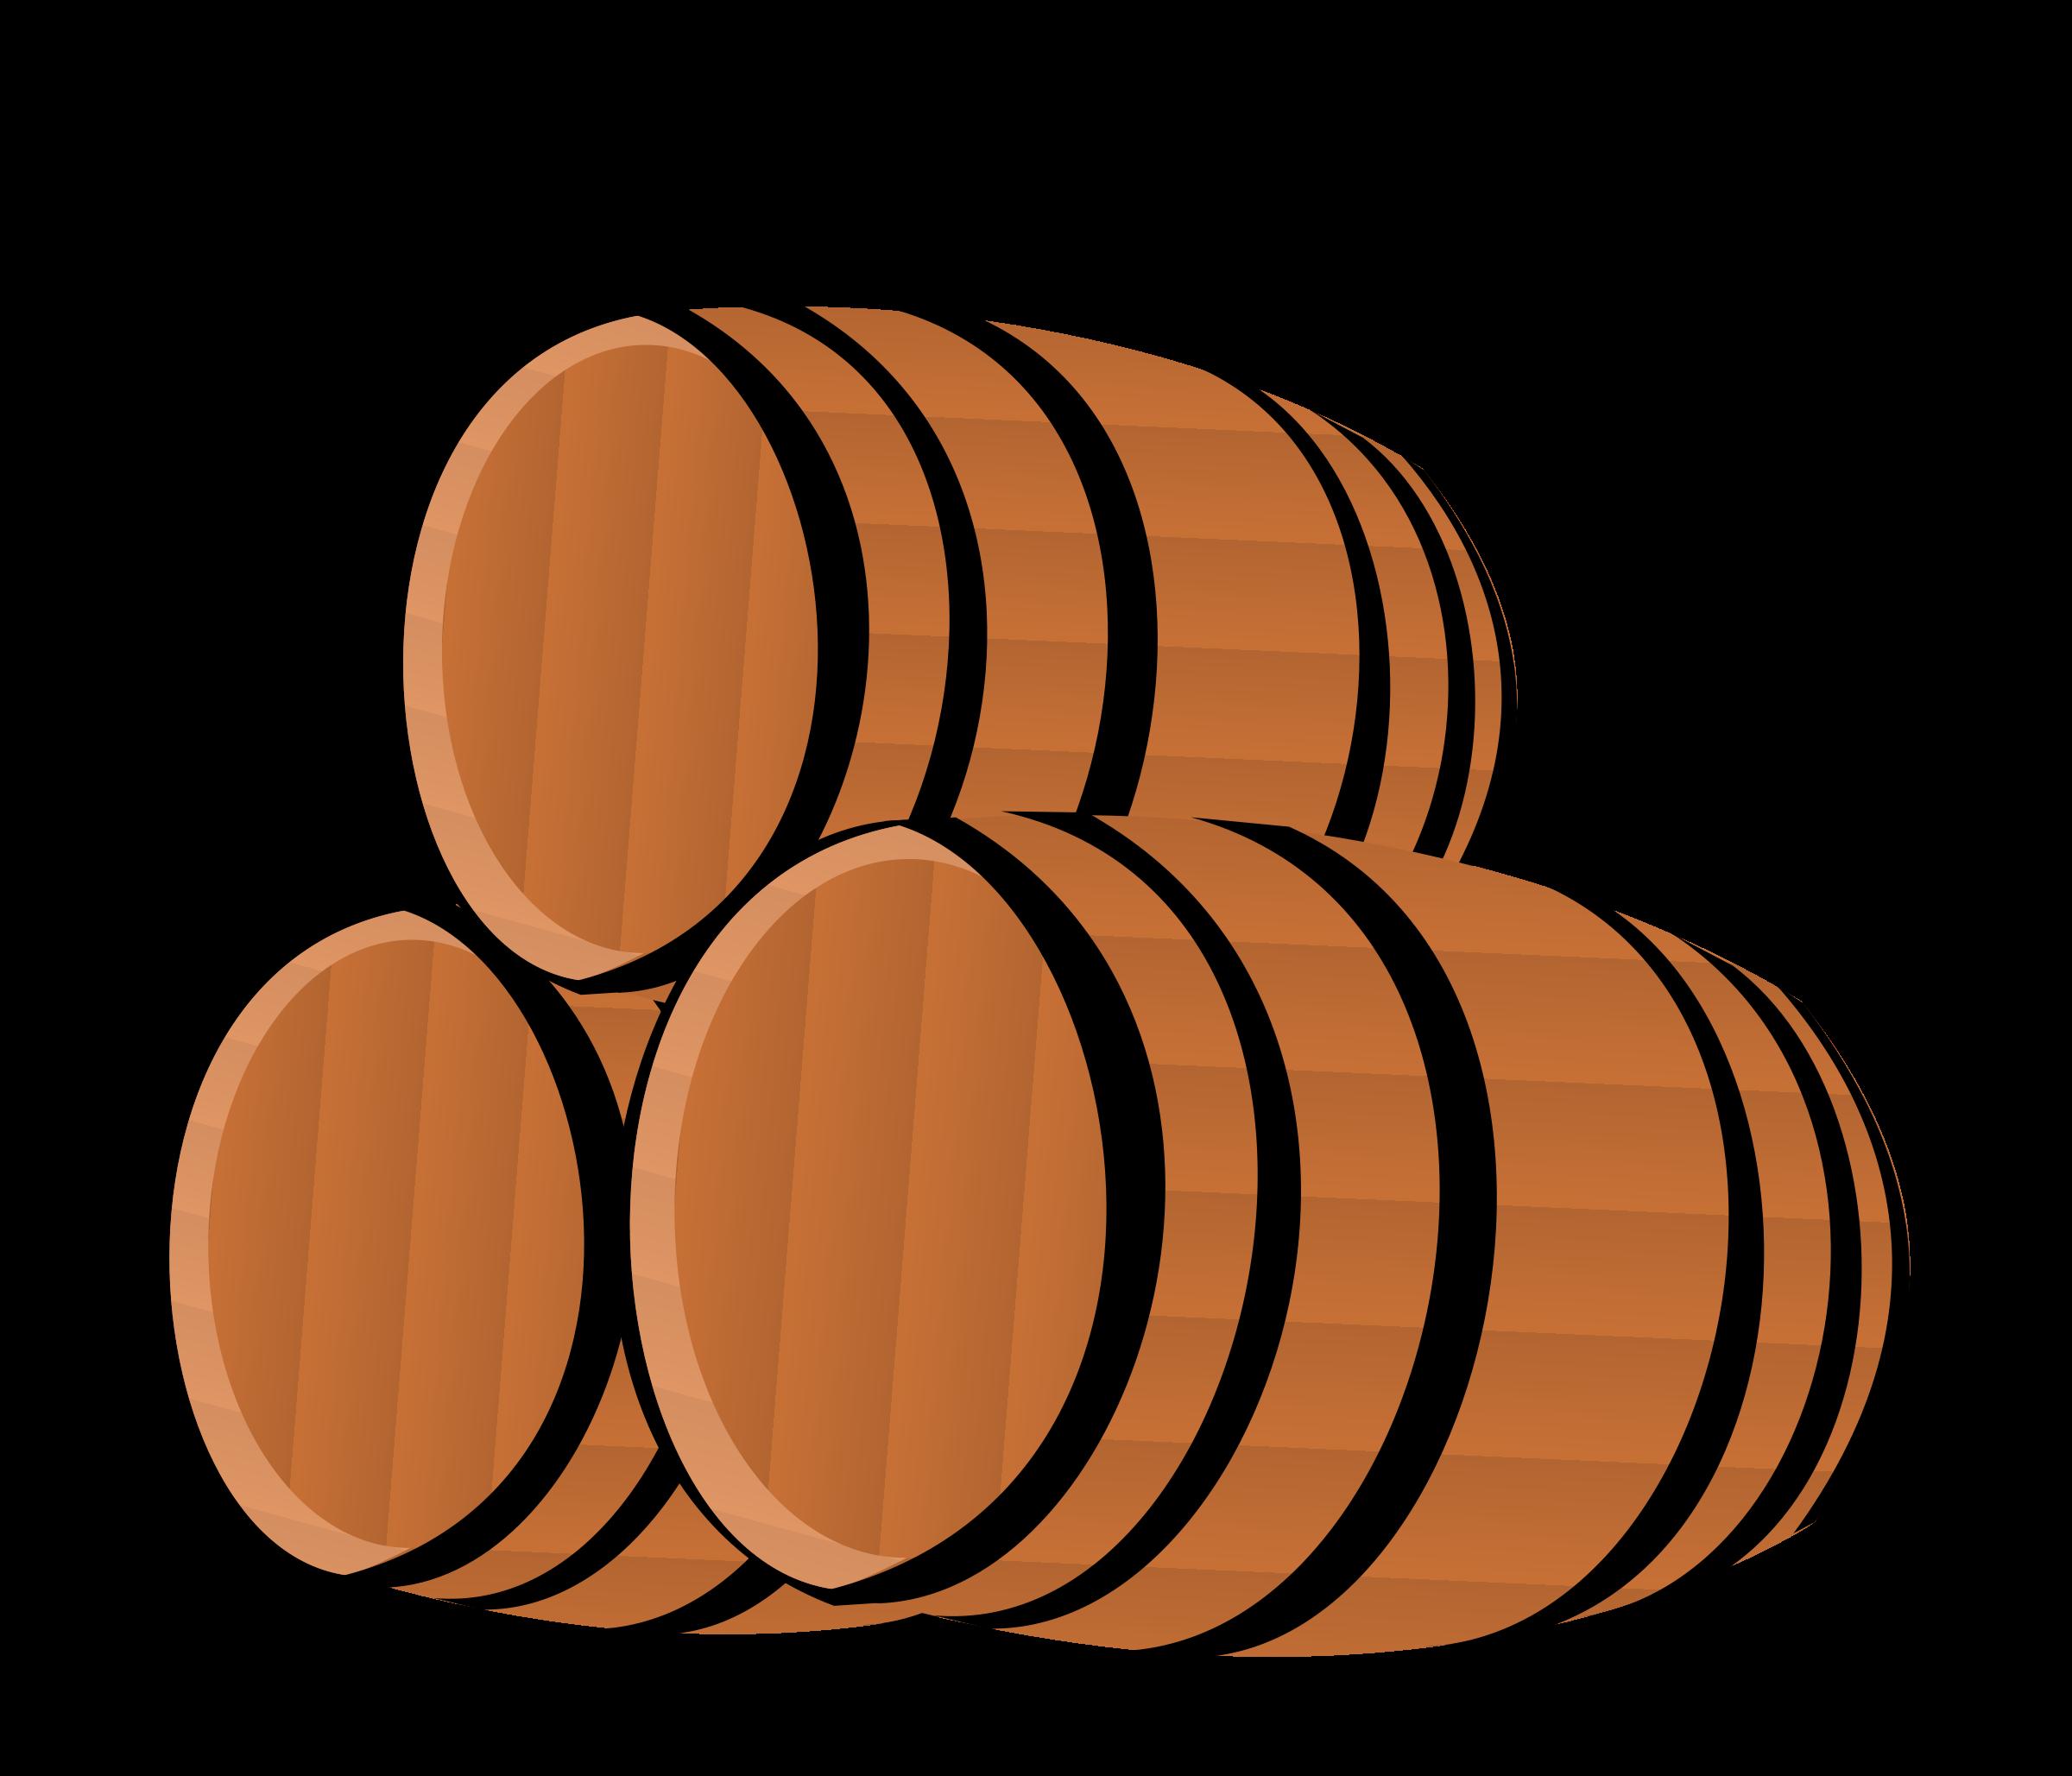 Wooden barrel top clipart clipart download Free Barrel Cliparts, Download Free Clip Art, Free Clip Art ... clipart download